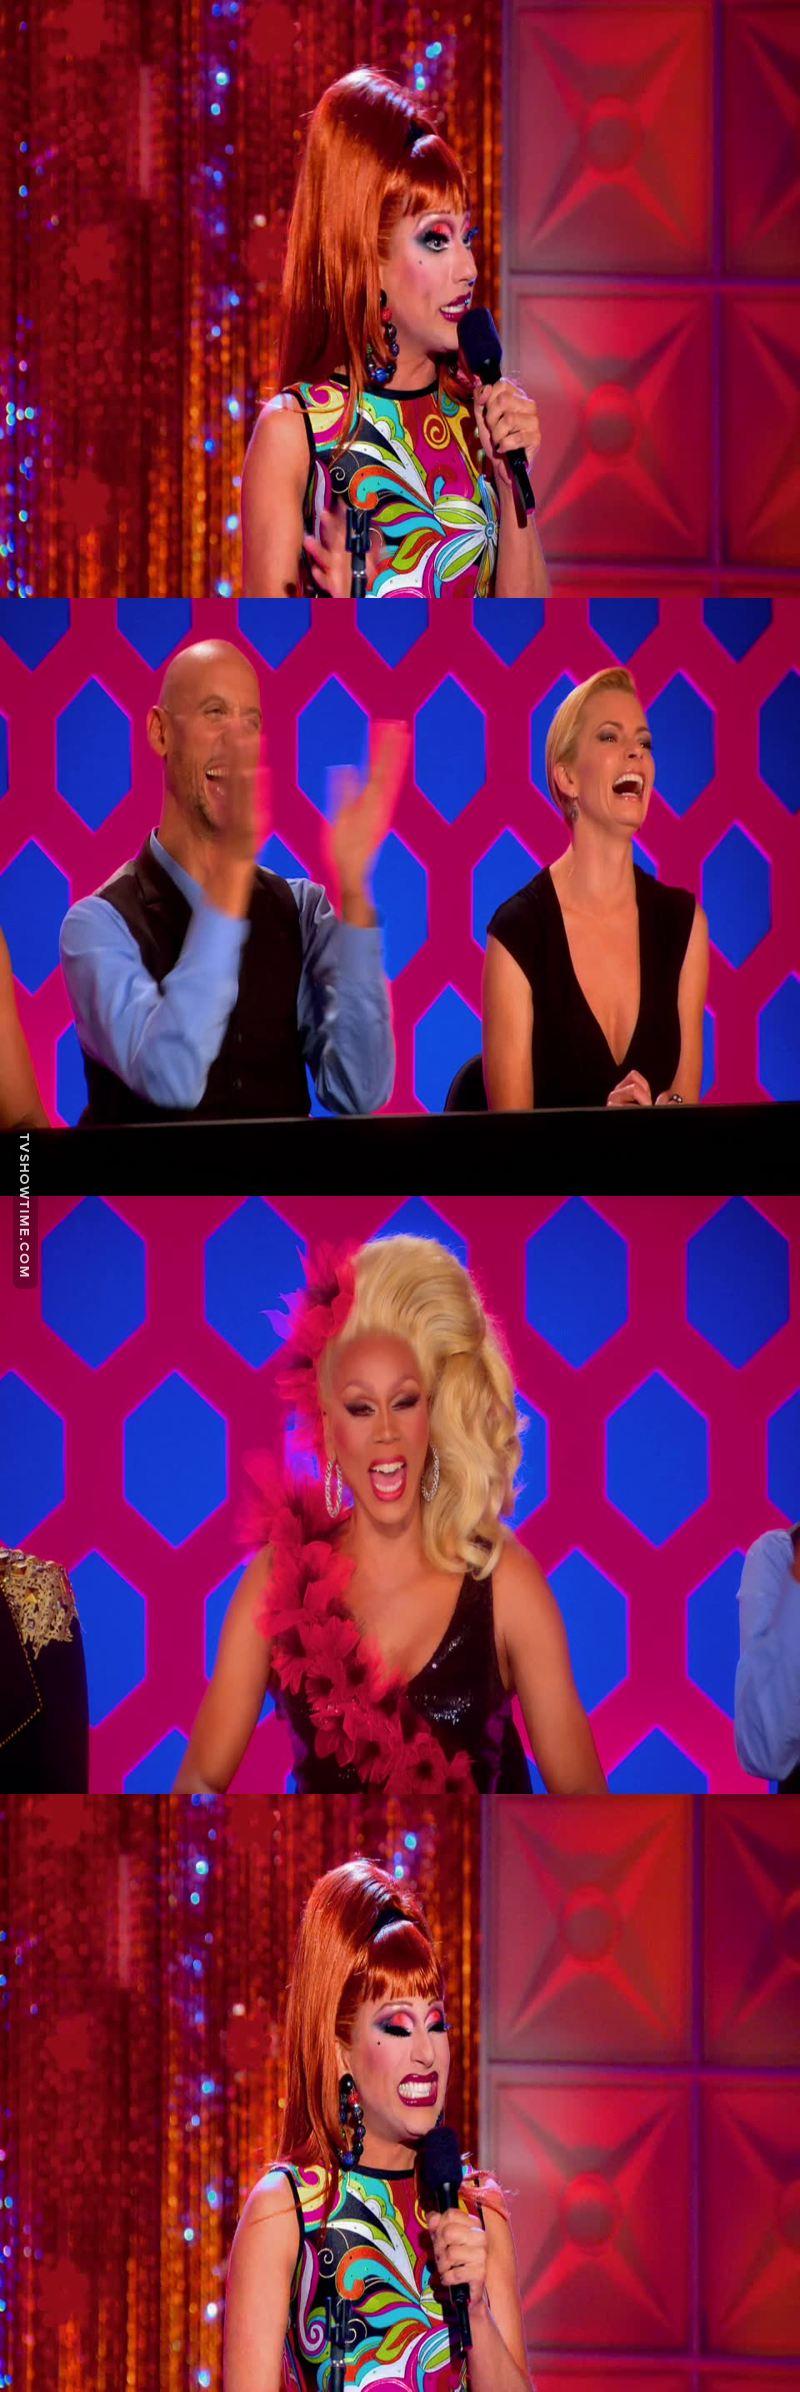 Não tinha como esse desafio não ser da Bianca! Essa sim sabe como contar piada e animar uma plateia 😂🤣